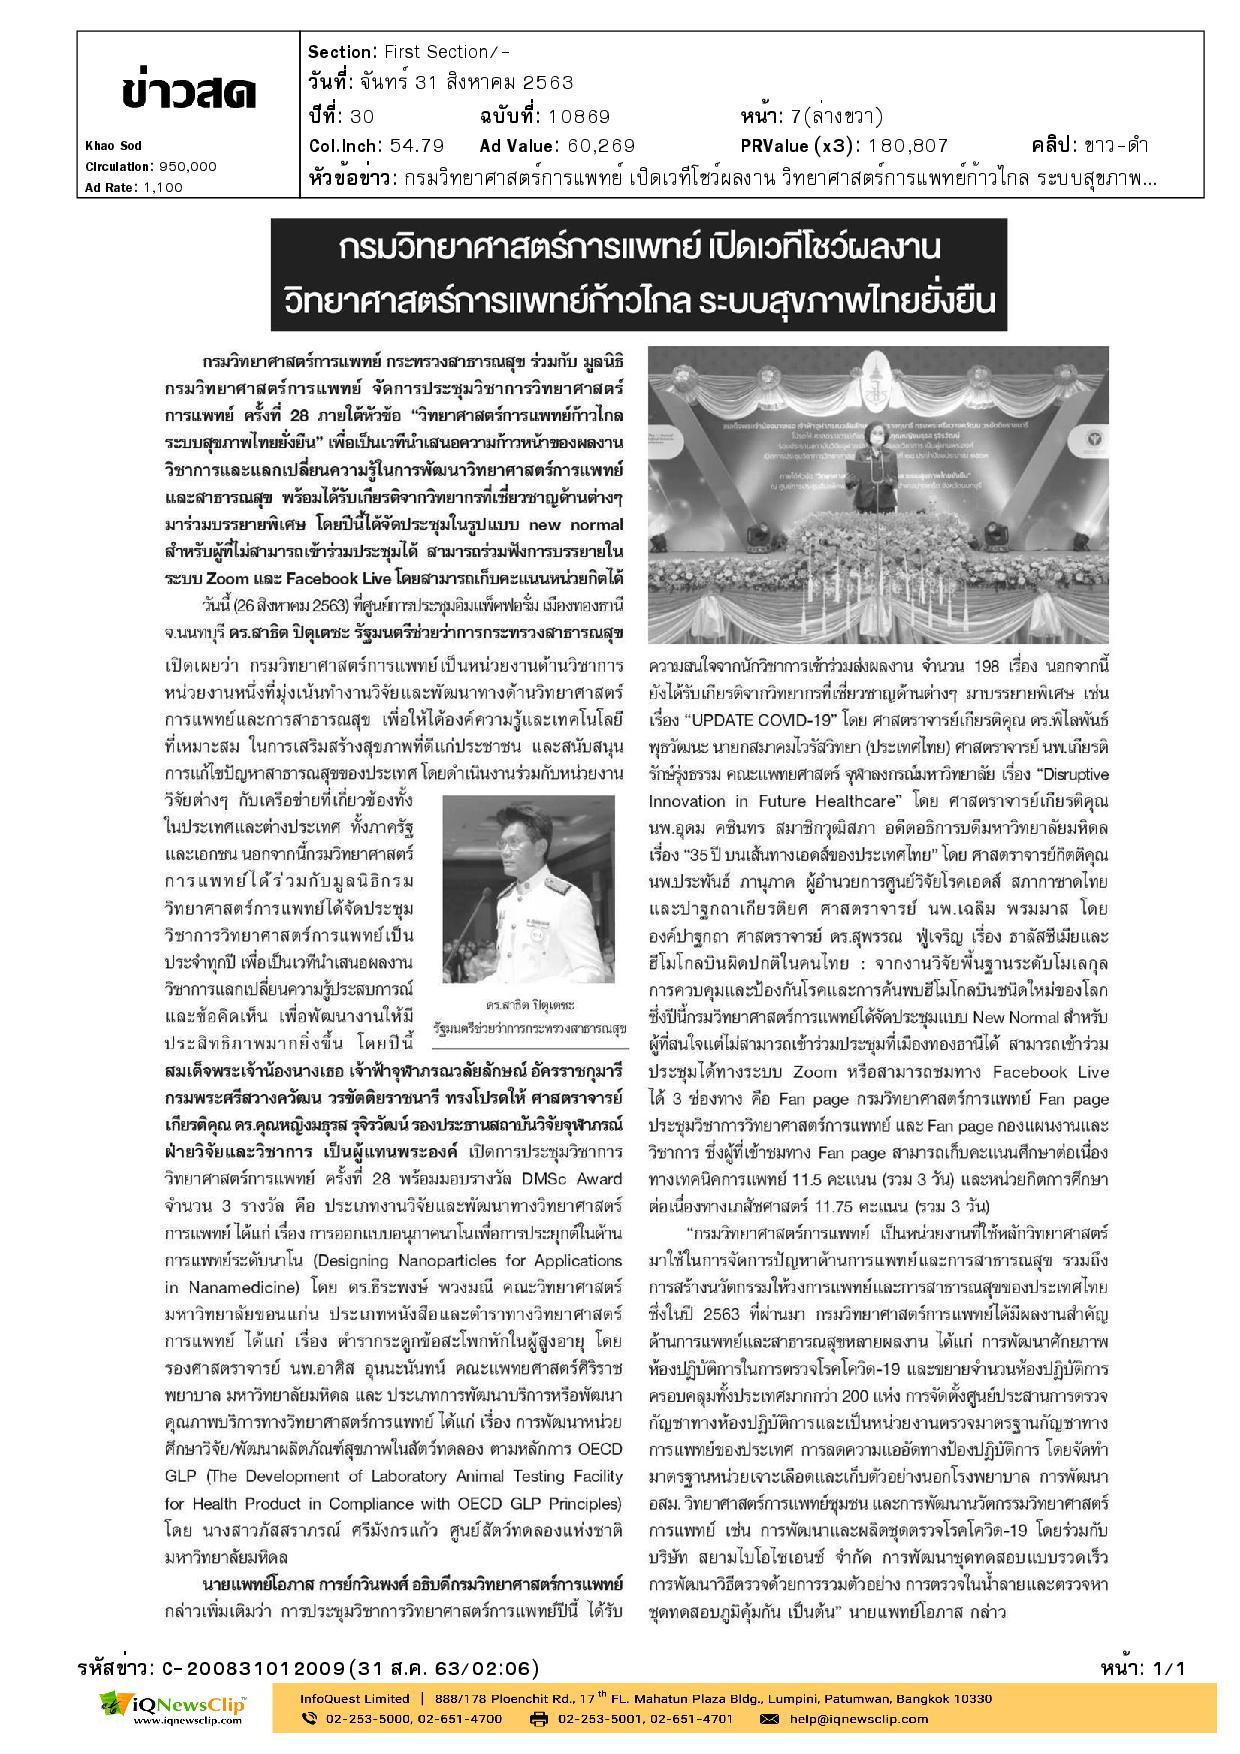 35ปี เส้นทางเอดส์ของประเทศไทย